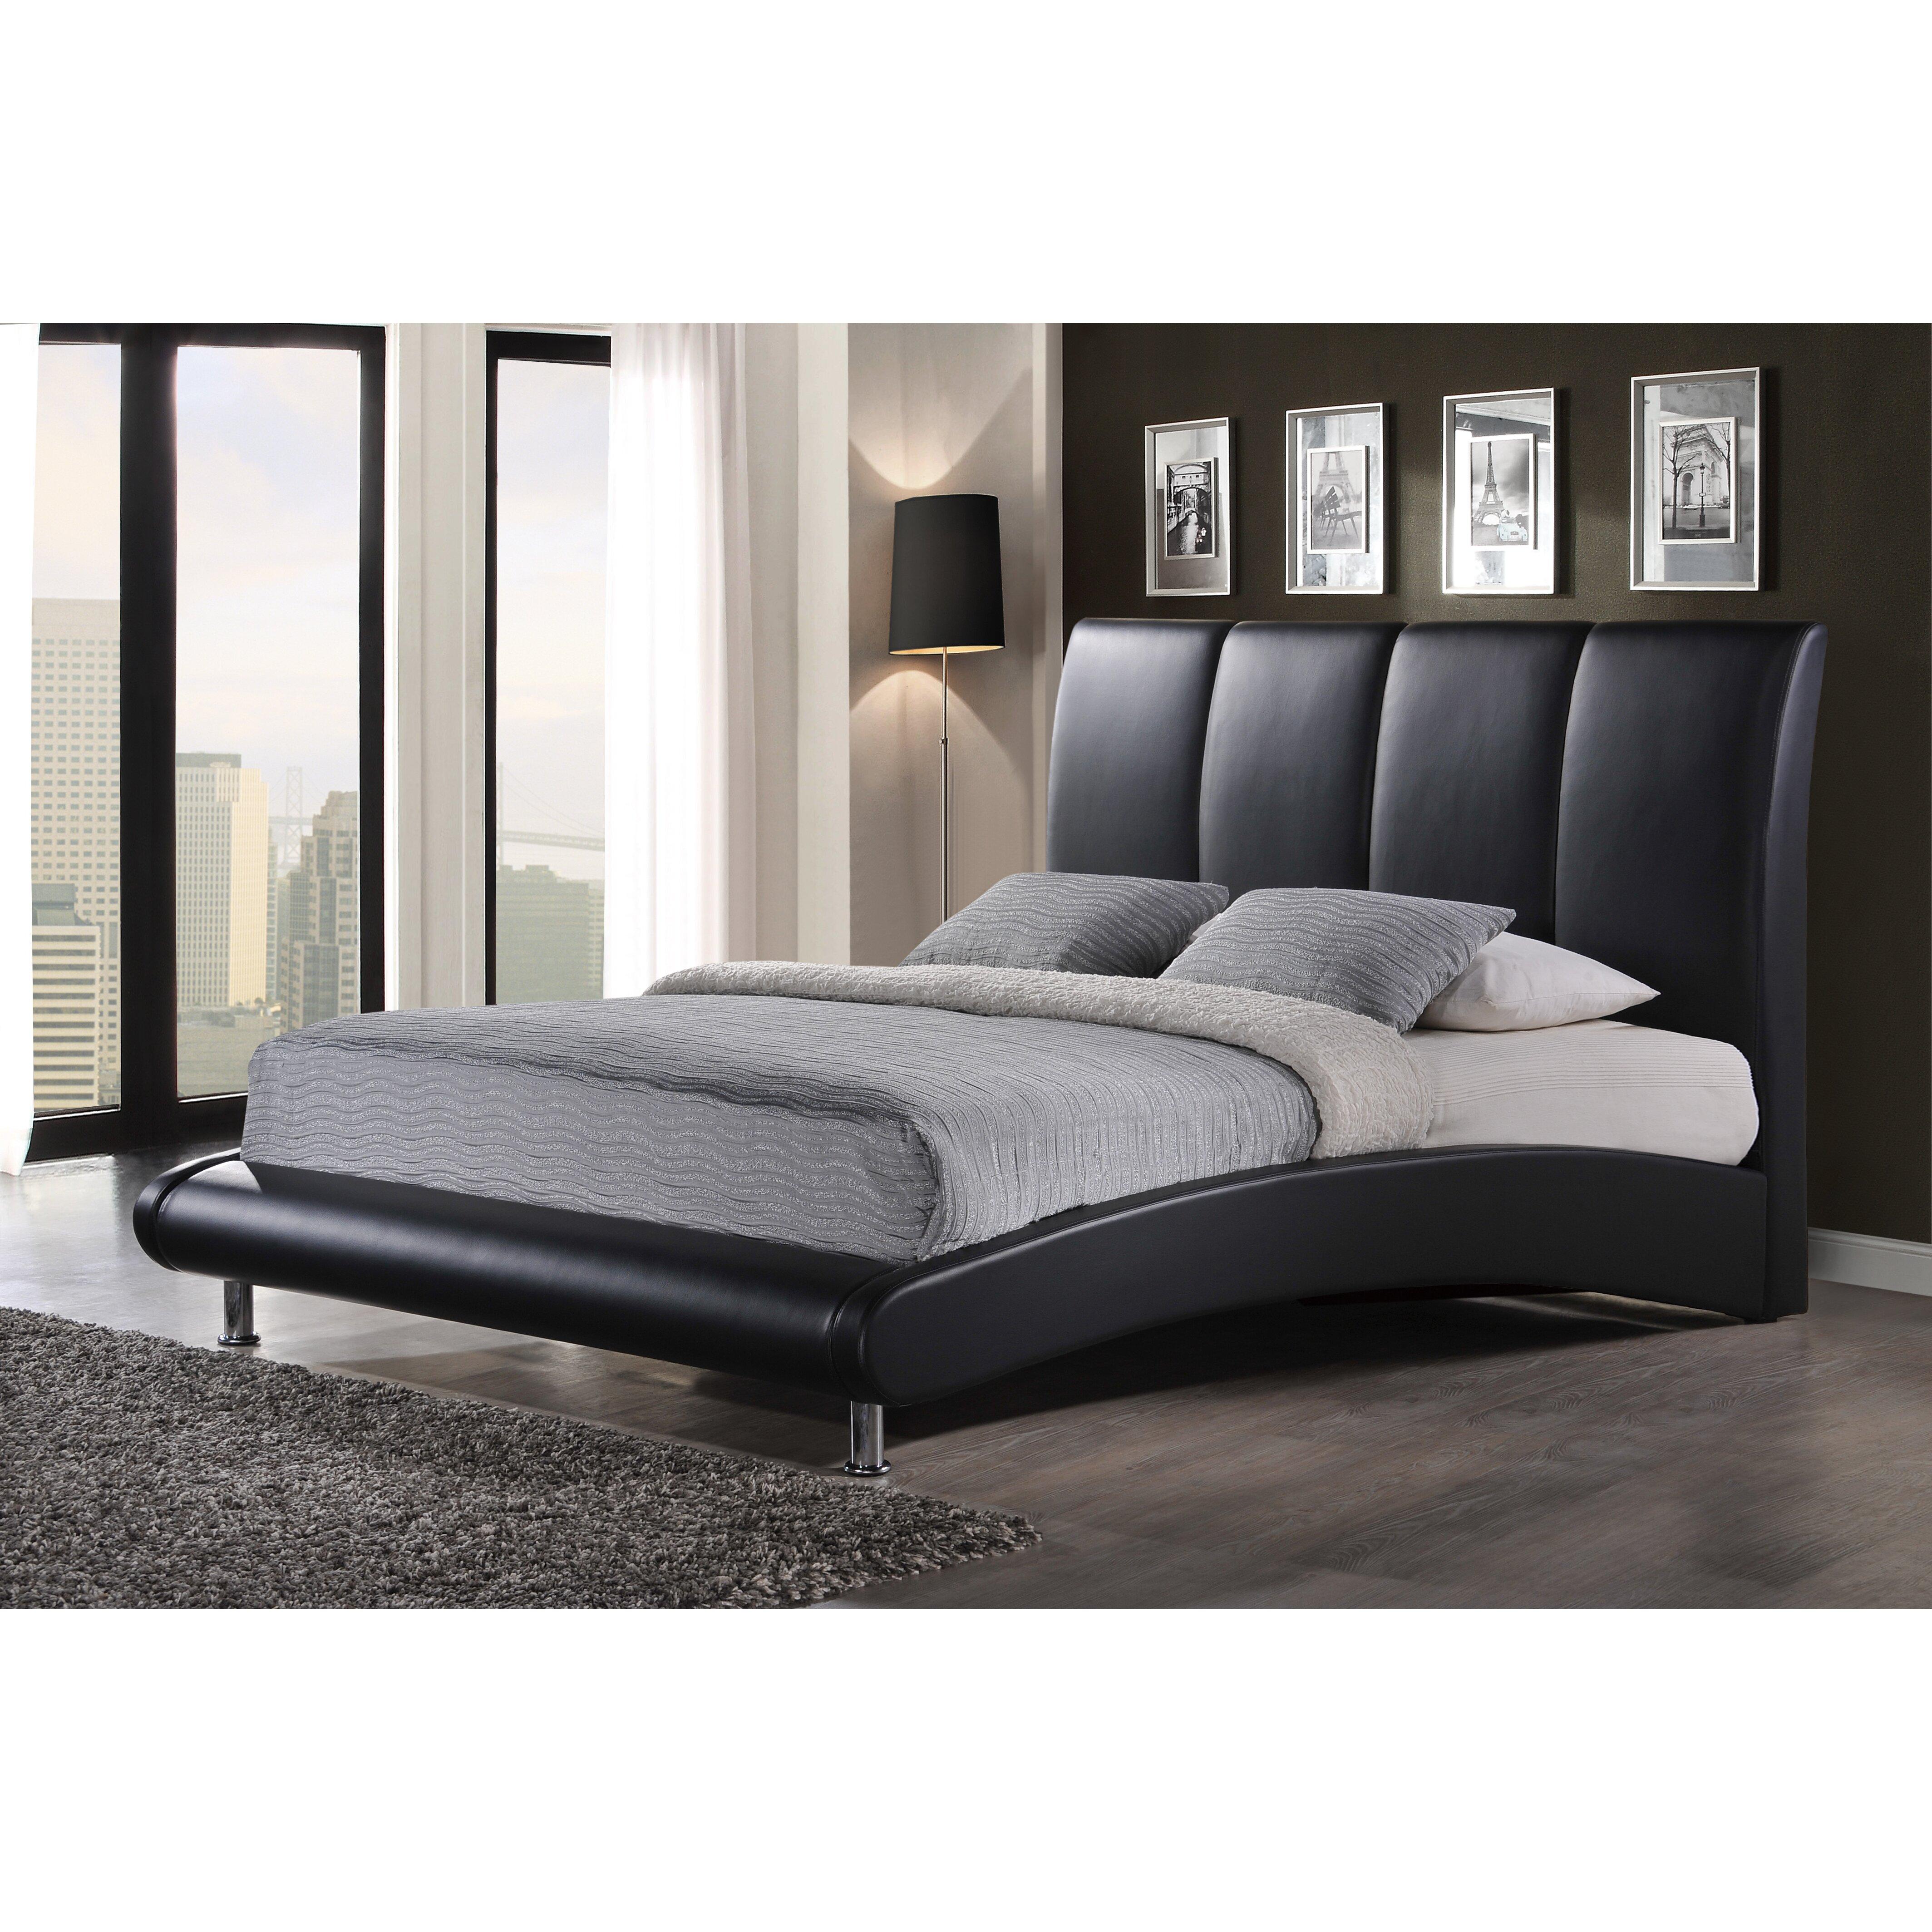 Platform Bedroom Furniture Global Furniture Usa Upholstered Platform Bed Reviews Wayfair